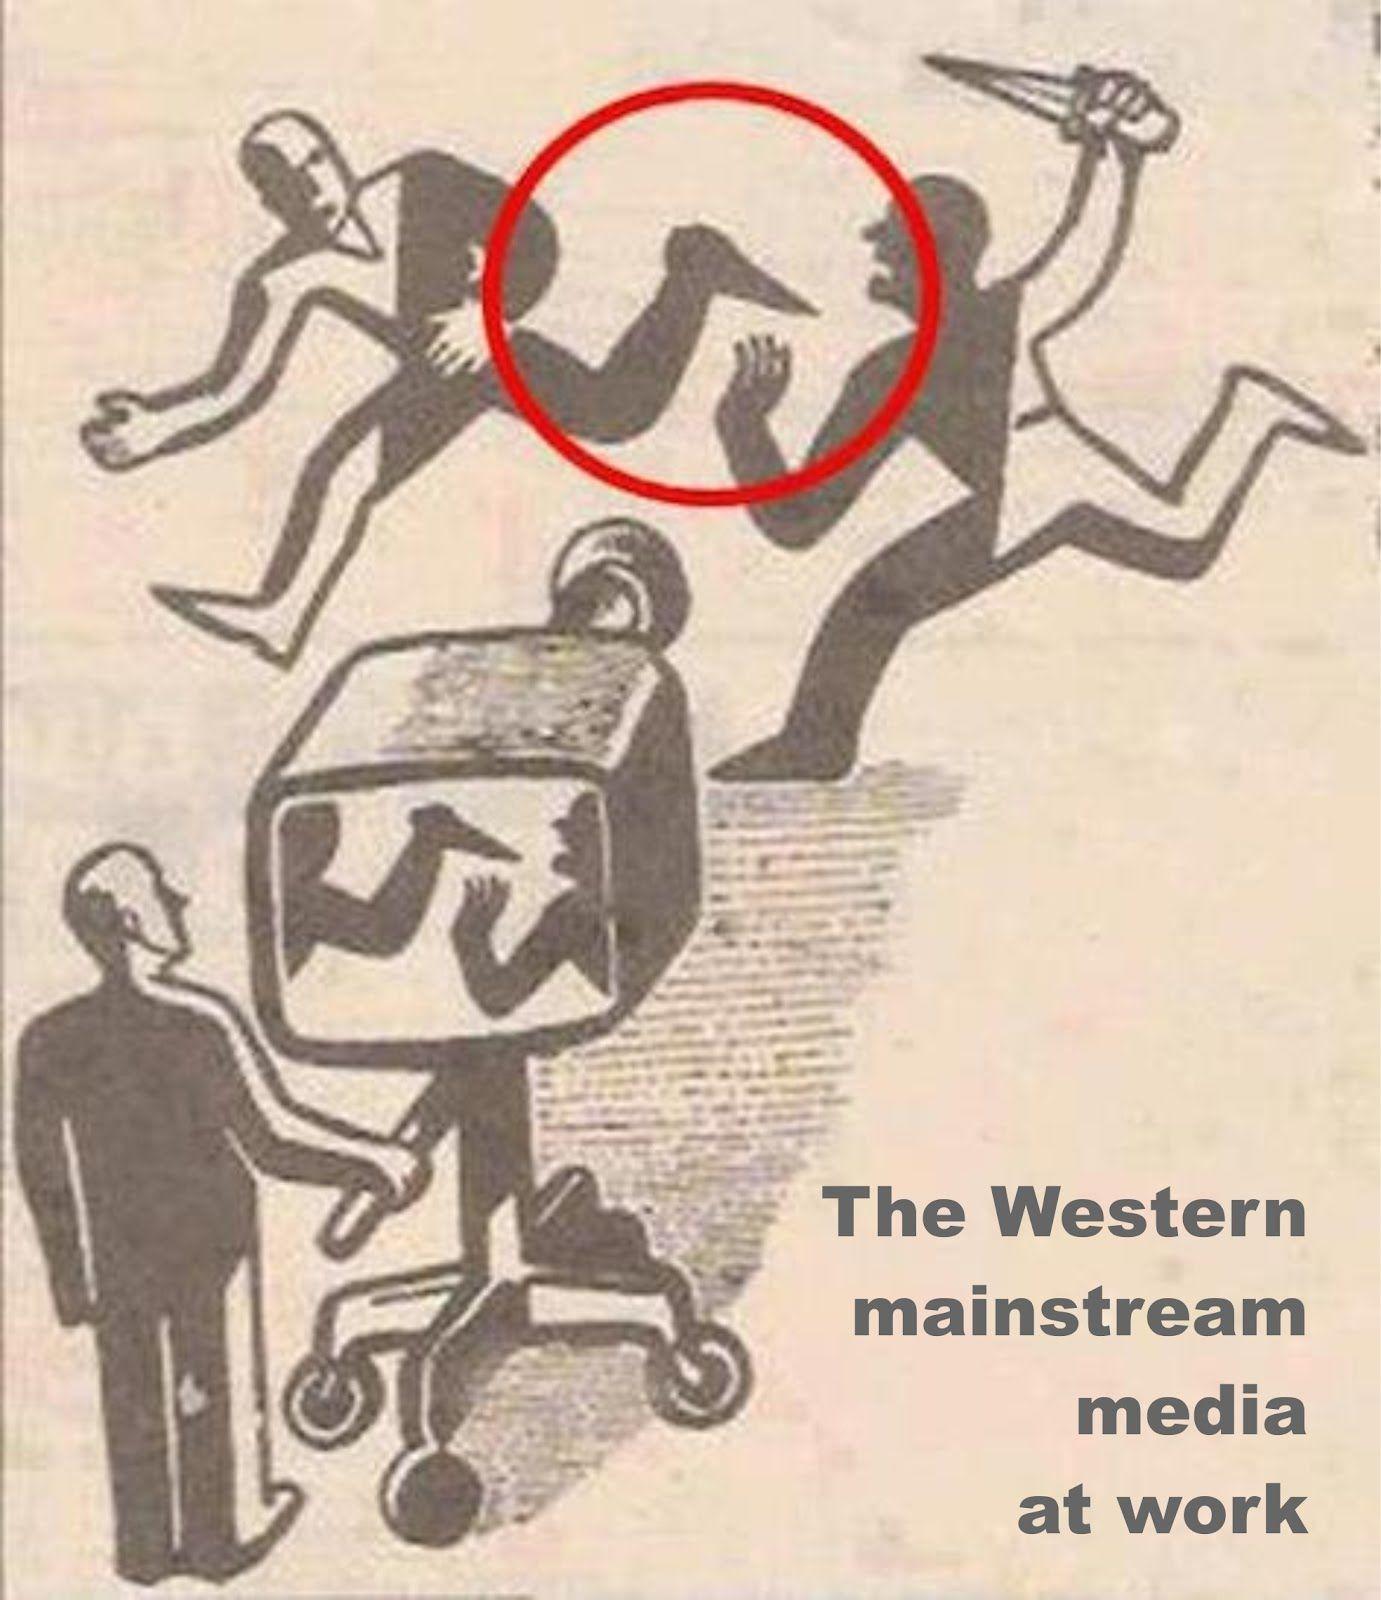 https://i0.wp.com/www.sott.net/image/s11/232780/full/The_Western_mainstream_media_a.jpg